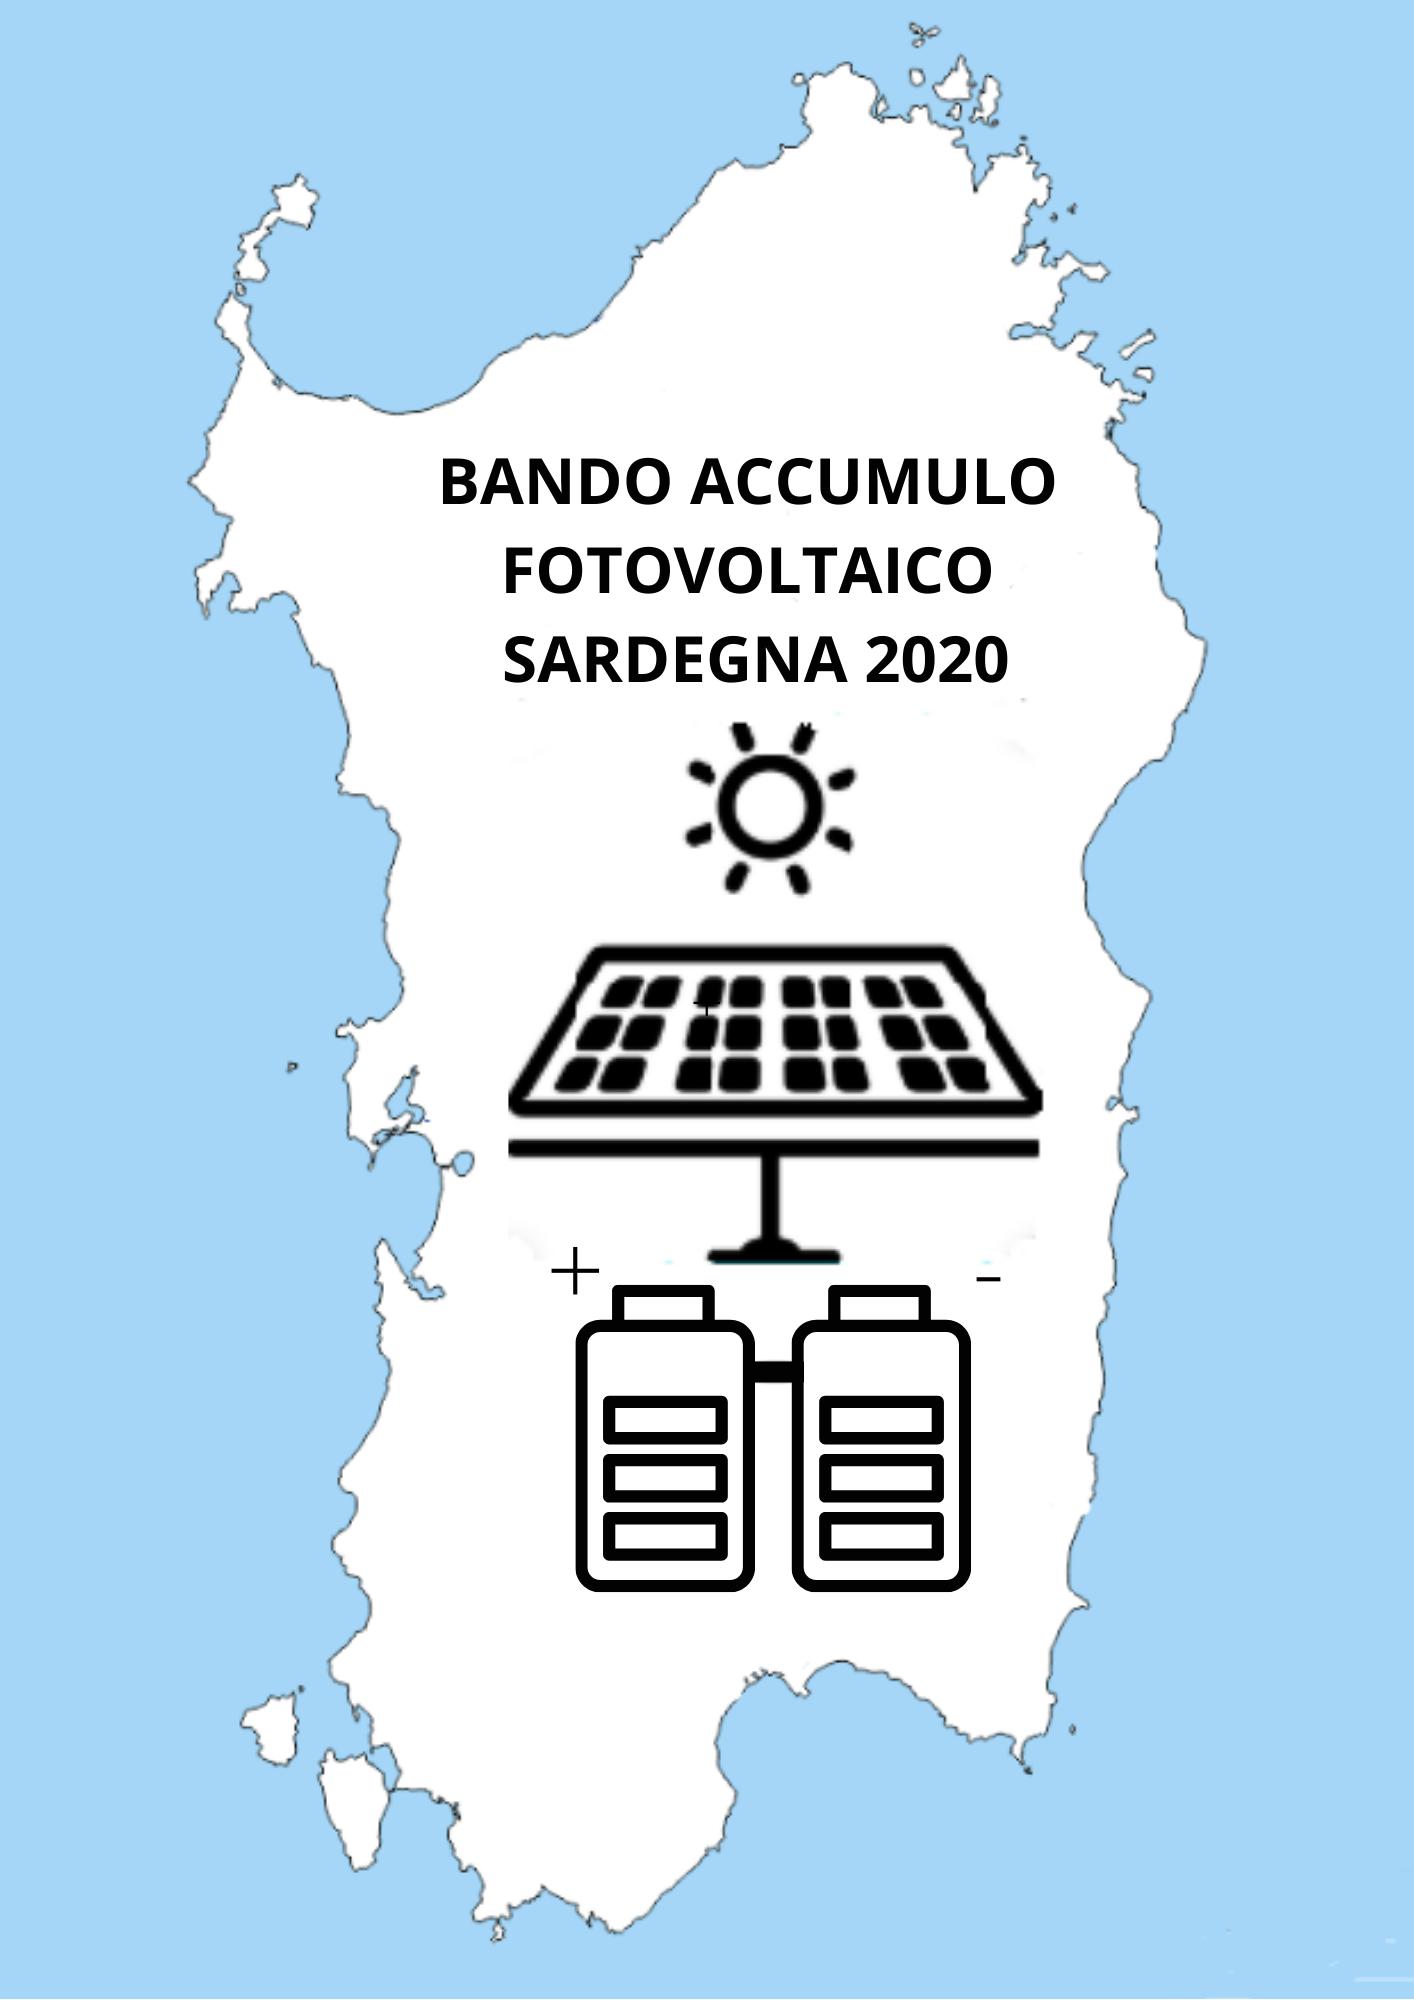 Vendere Energia Elettrica Da Fotovoltaico bando regionale accumulo fotovoltaico 2020 sardegna - salus air